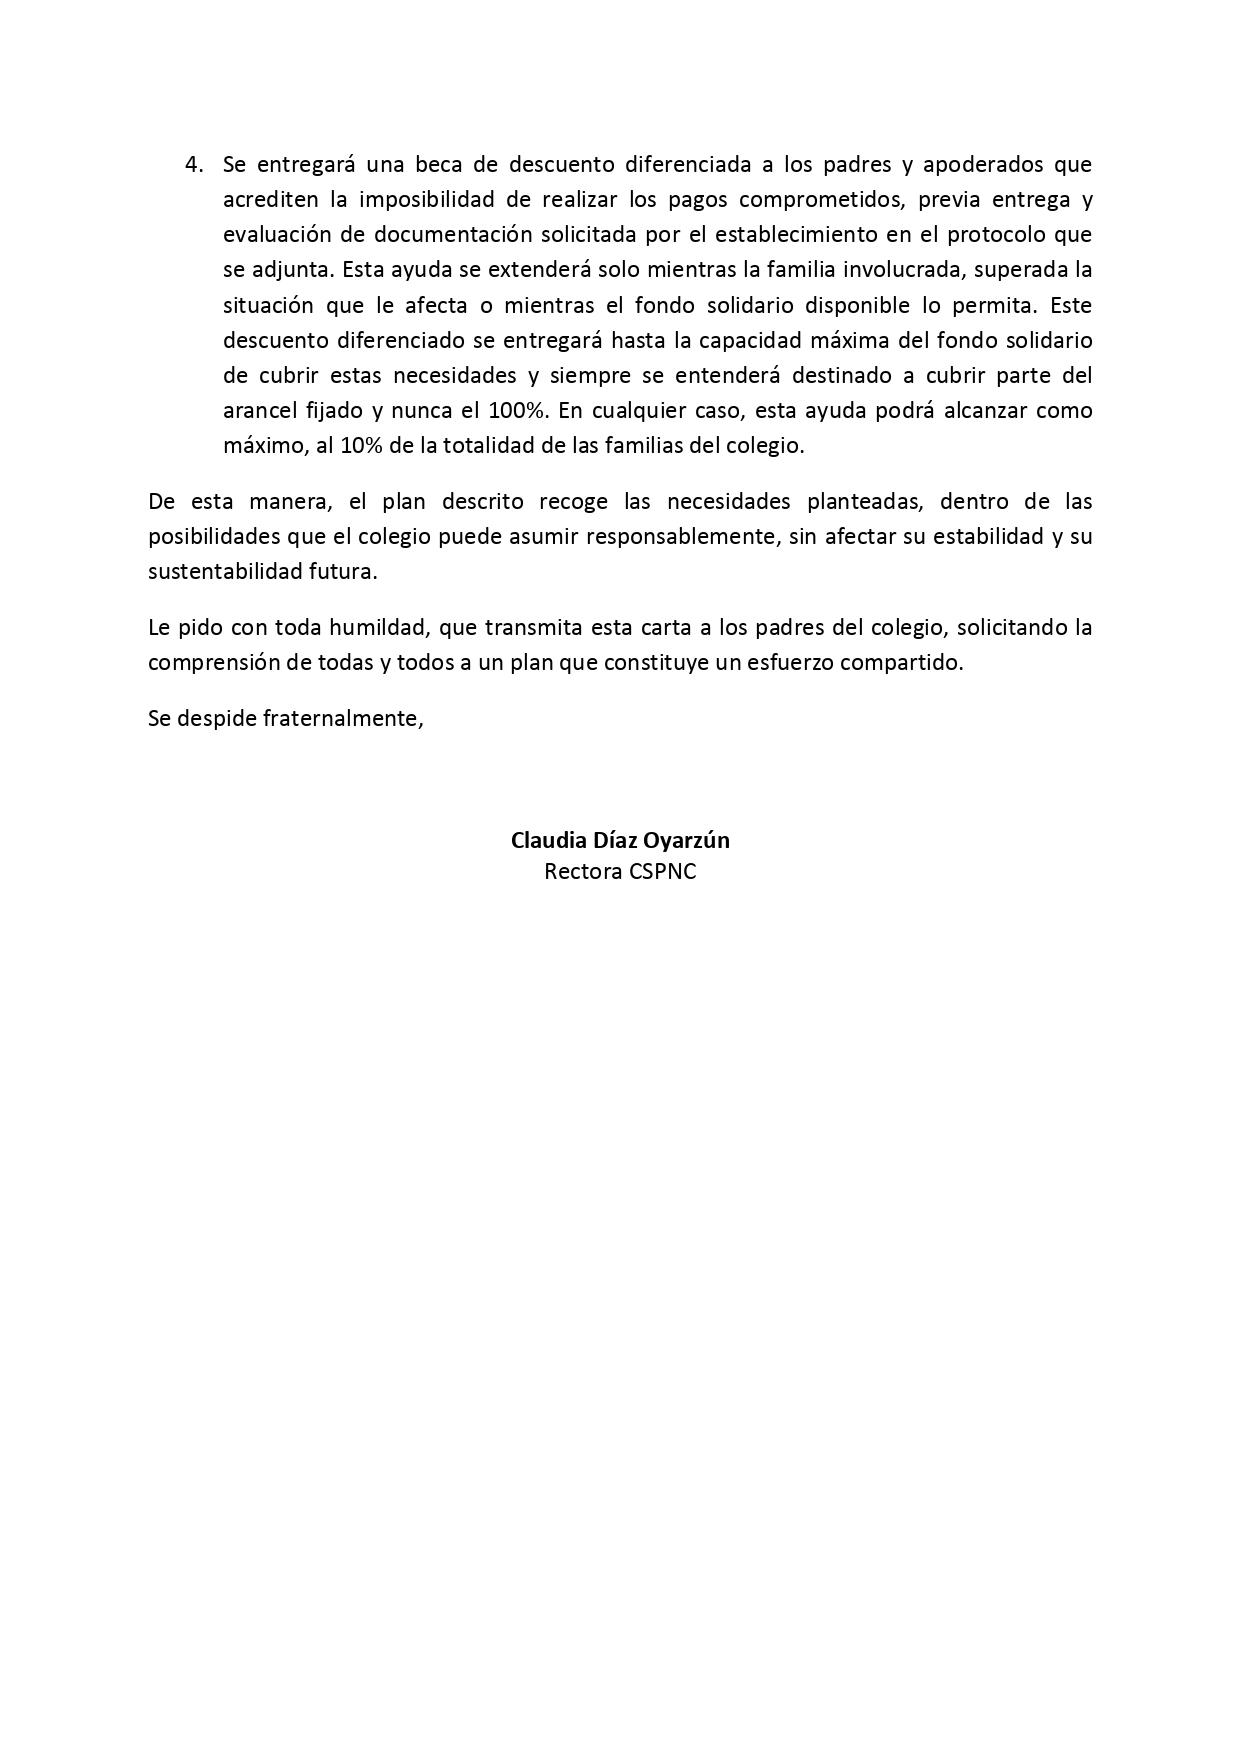 RESPUESTA RECTORA_3